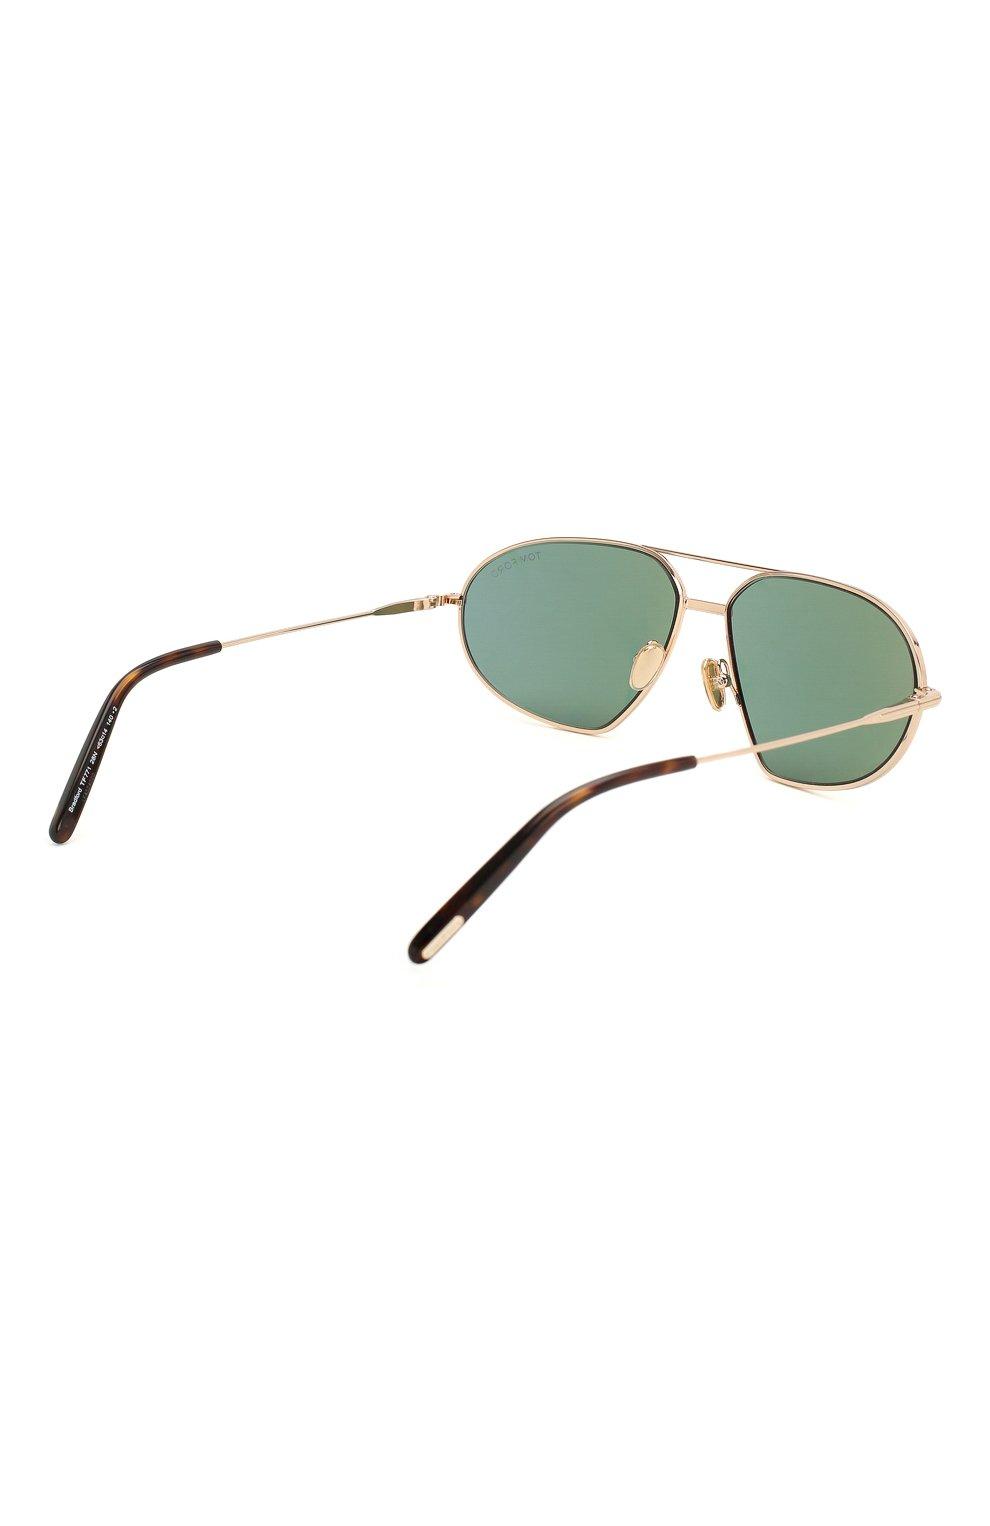 Мужские солнцезащитные очки TOM FORD темно-зеленого цвета, арт. TF771 28N   Фото 4